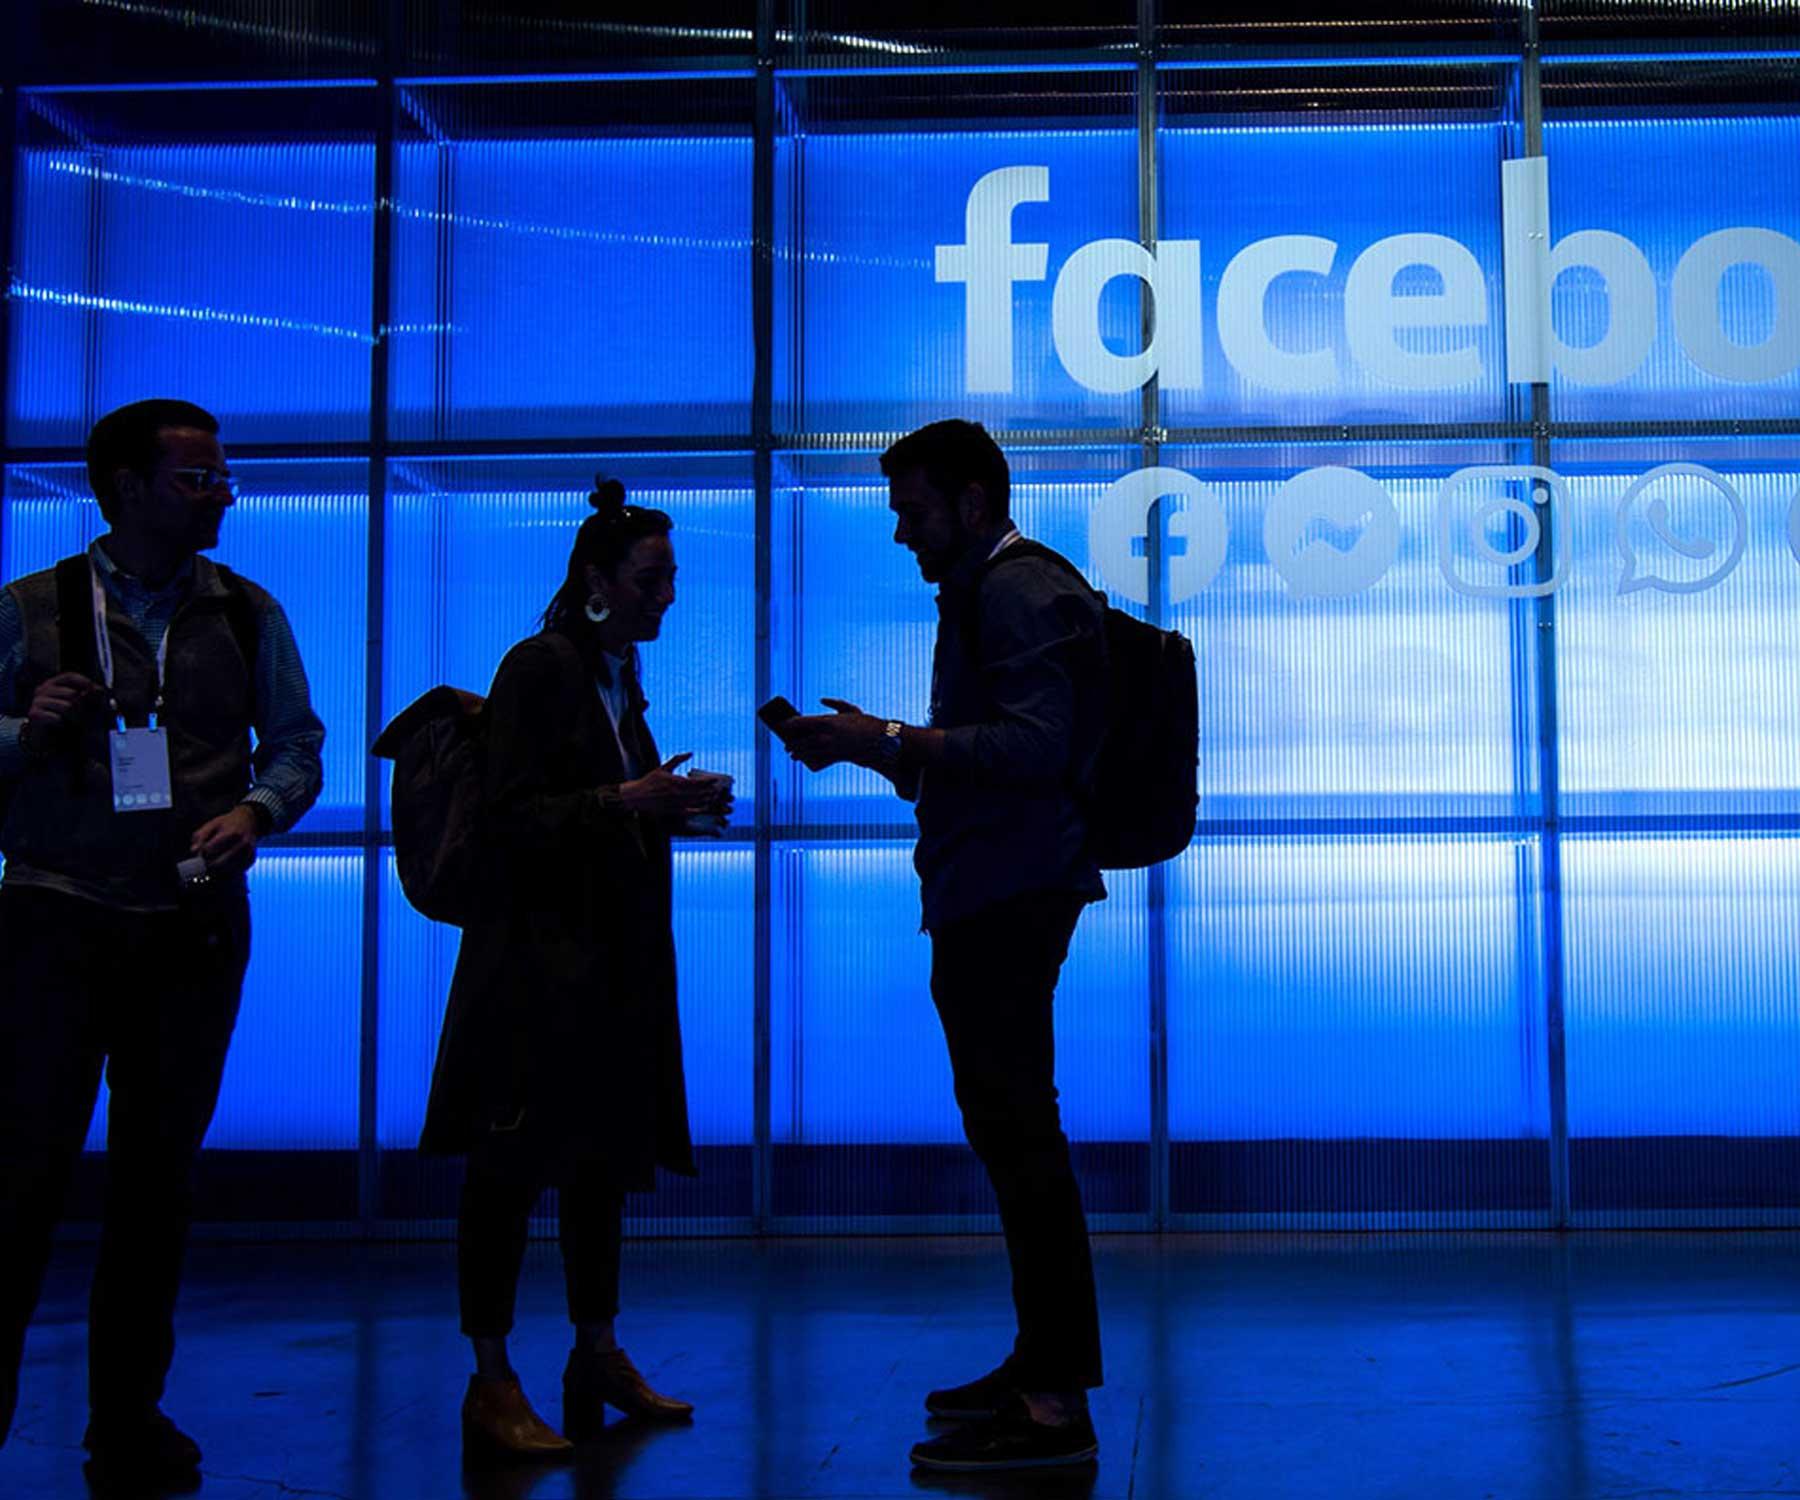 මිලියන 533 කට අධික Facebook දත්ත අන්තර්ජාලයට බුද්ධි අංශ ප්රධානී Alon Gal පවසයි